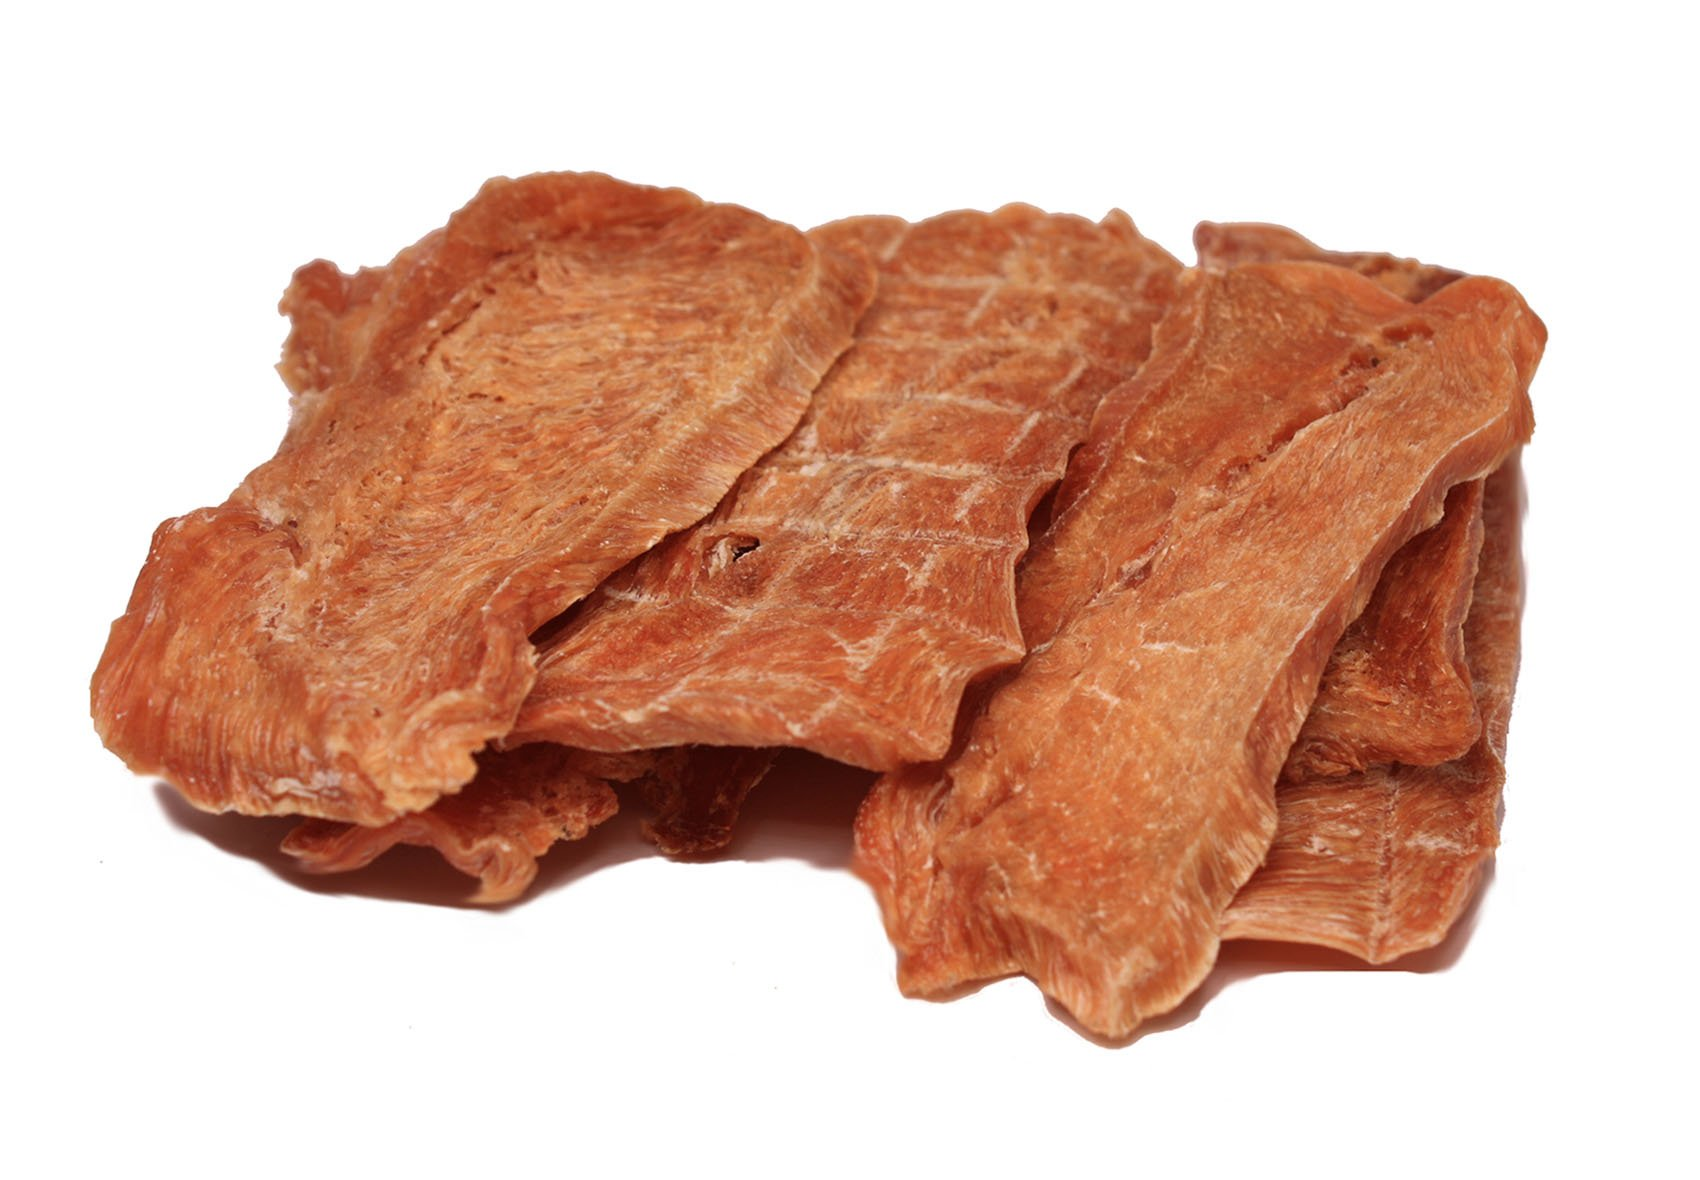 Preen Pets Chicken Breast Jerky Dog Treats - 100% USA Lean Chicken Breast (2 Pounds) by Preen Pets (Image #1)